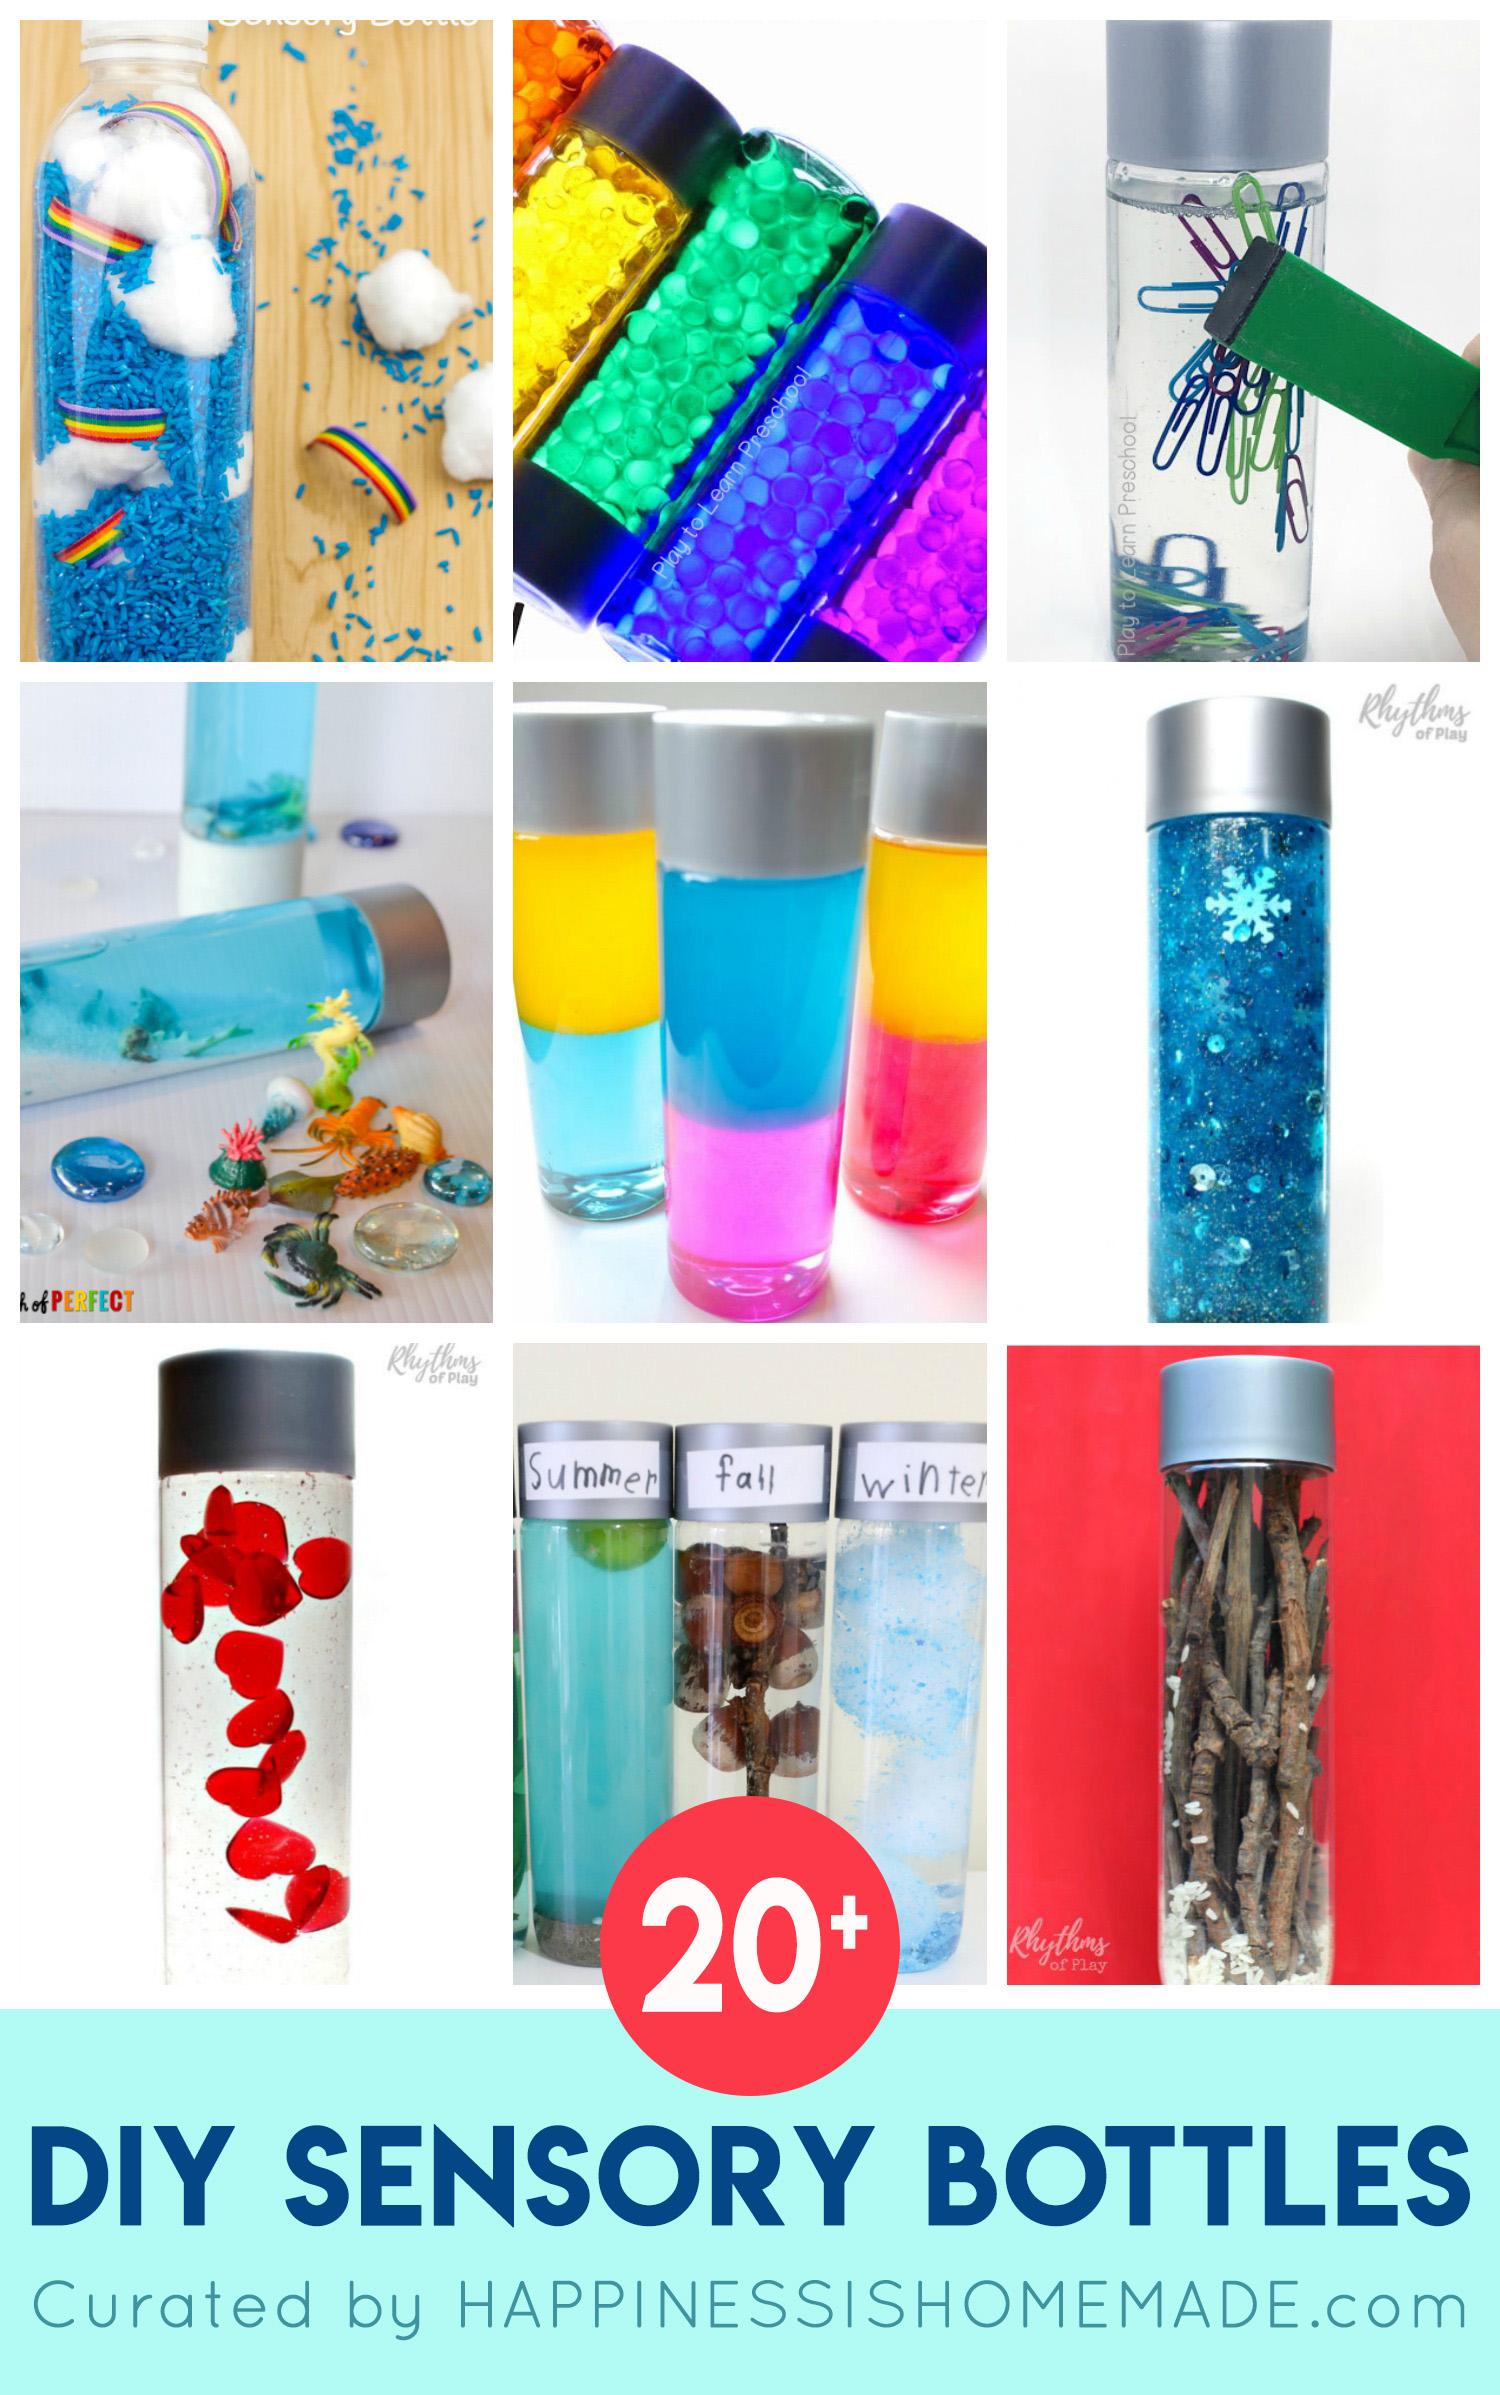 DIY Sensory Bottles for Kids